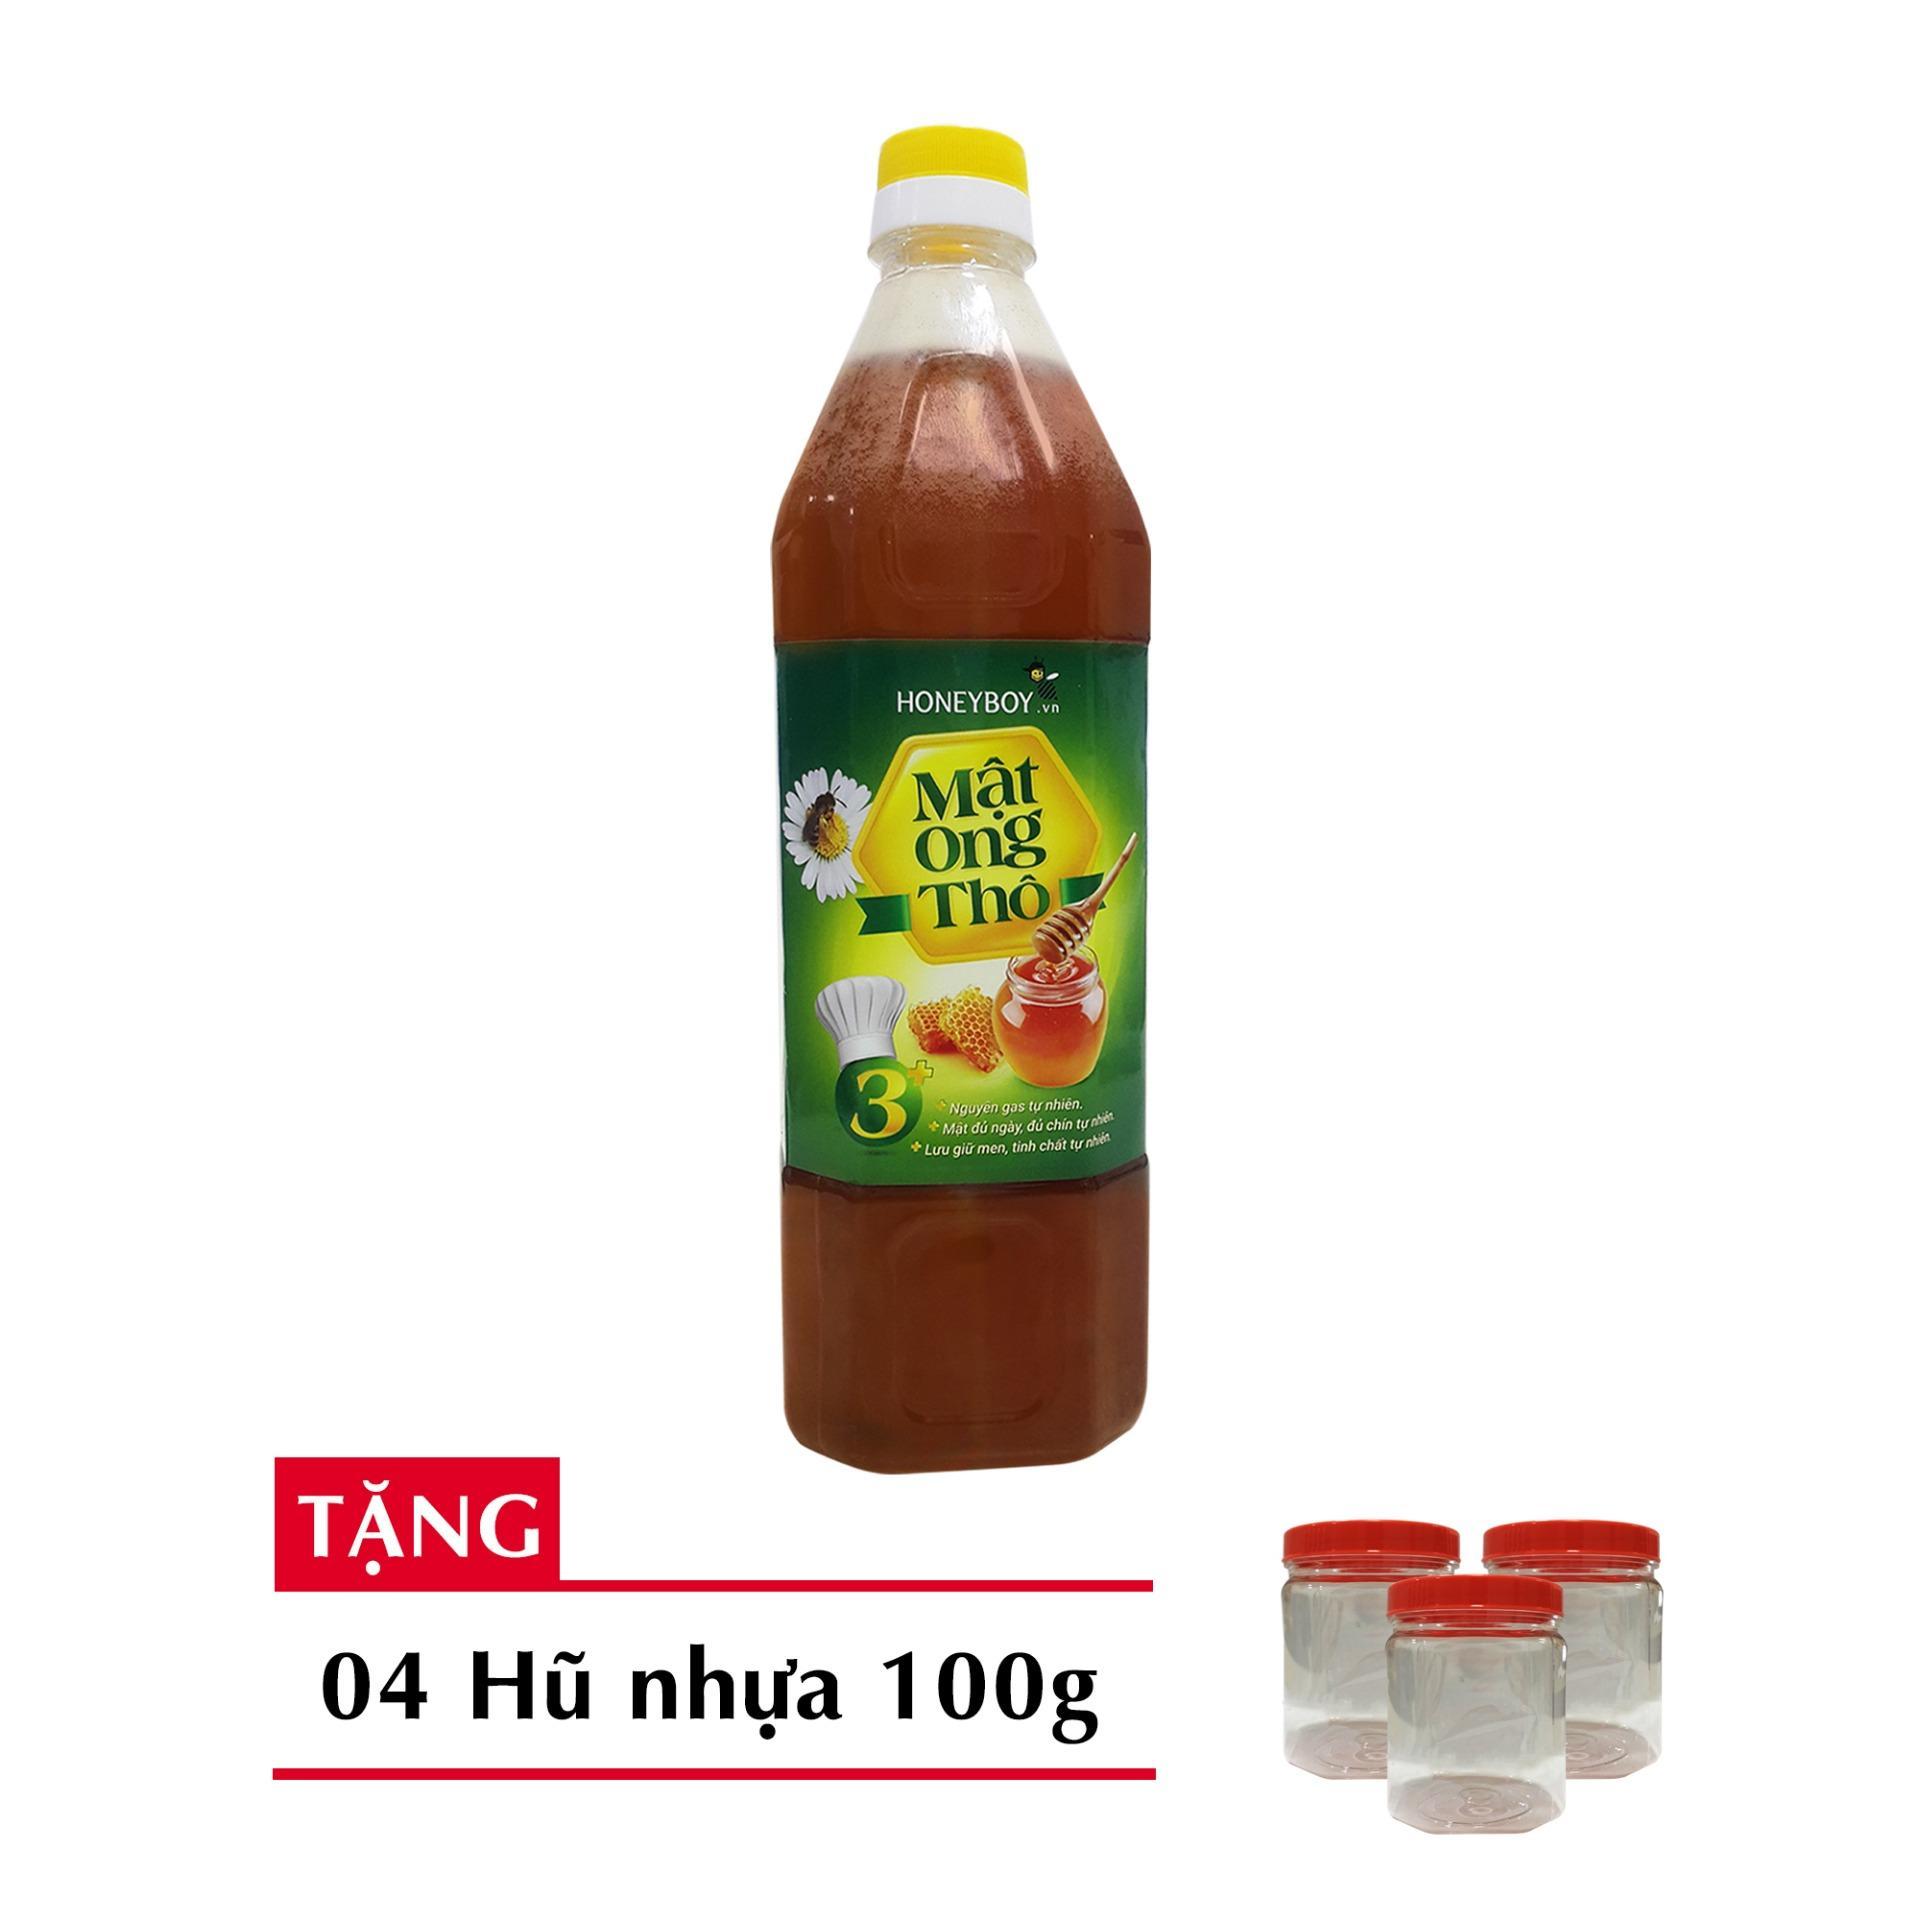 Mật ong Thô Honeyboy 1000ml Tặng kèm 3 hũ nhựa 100g